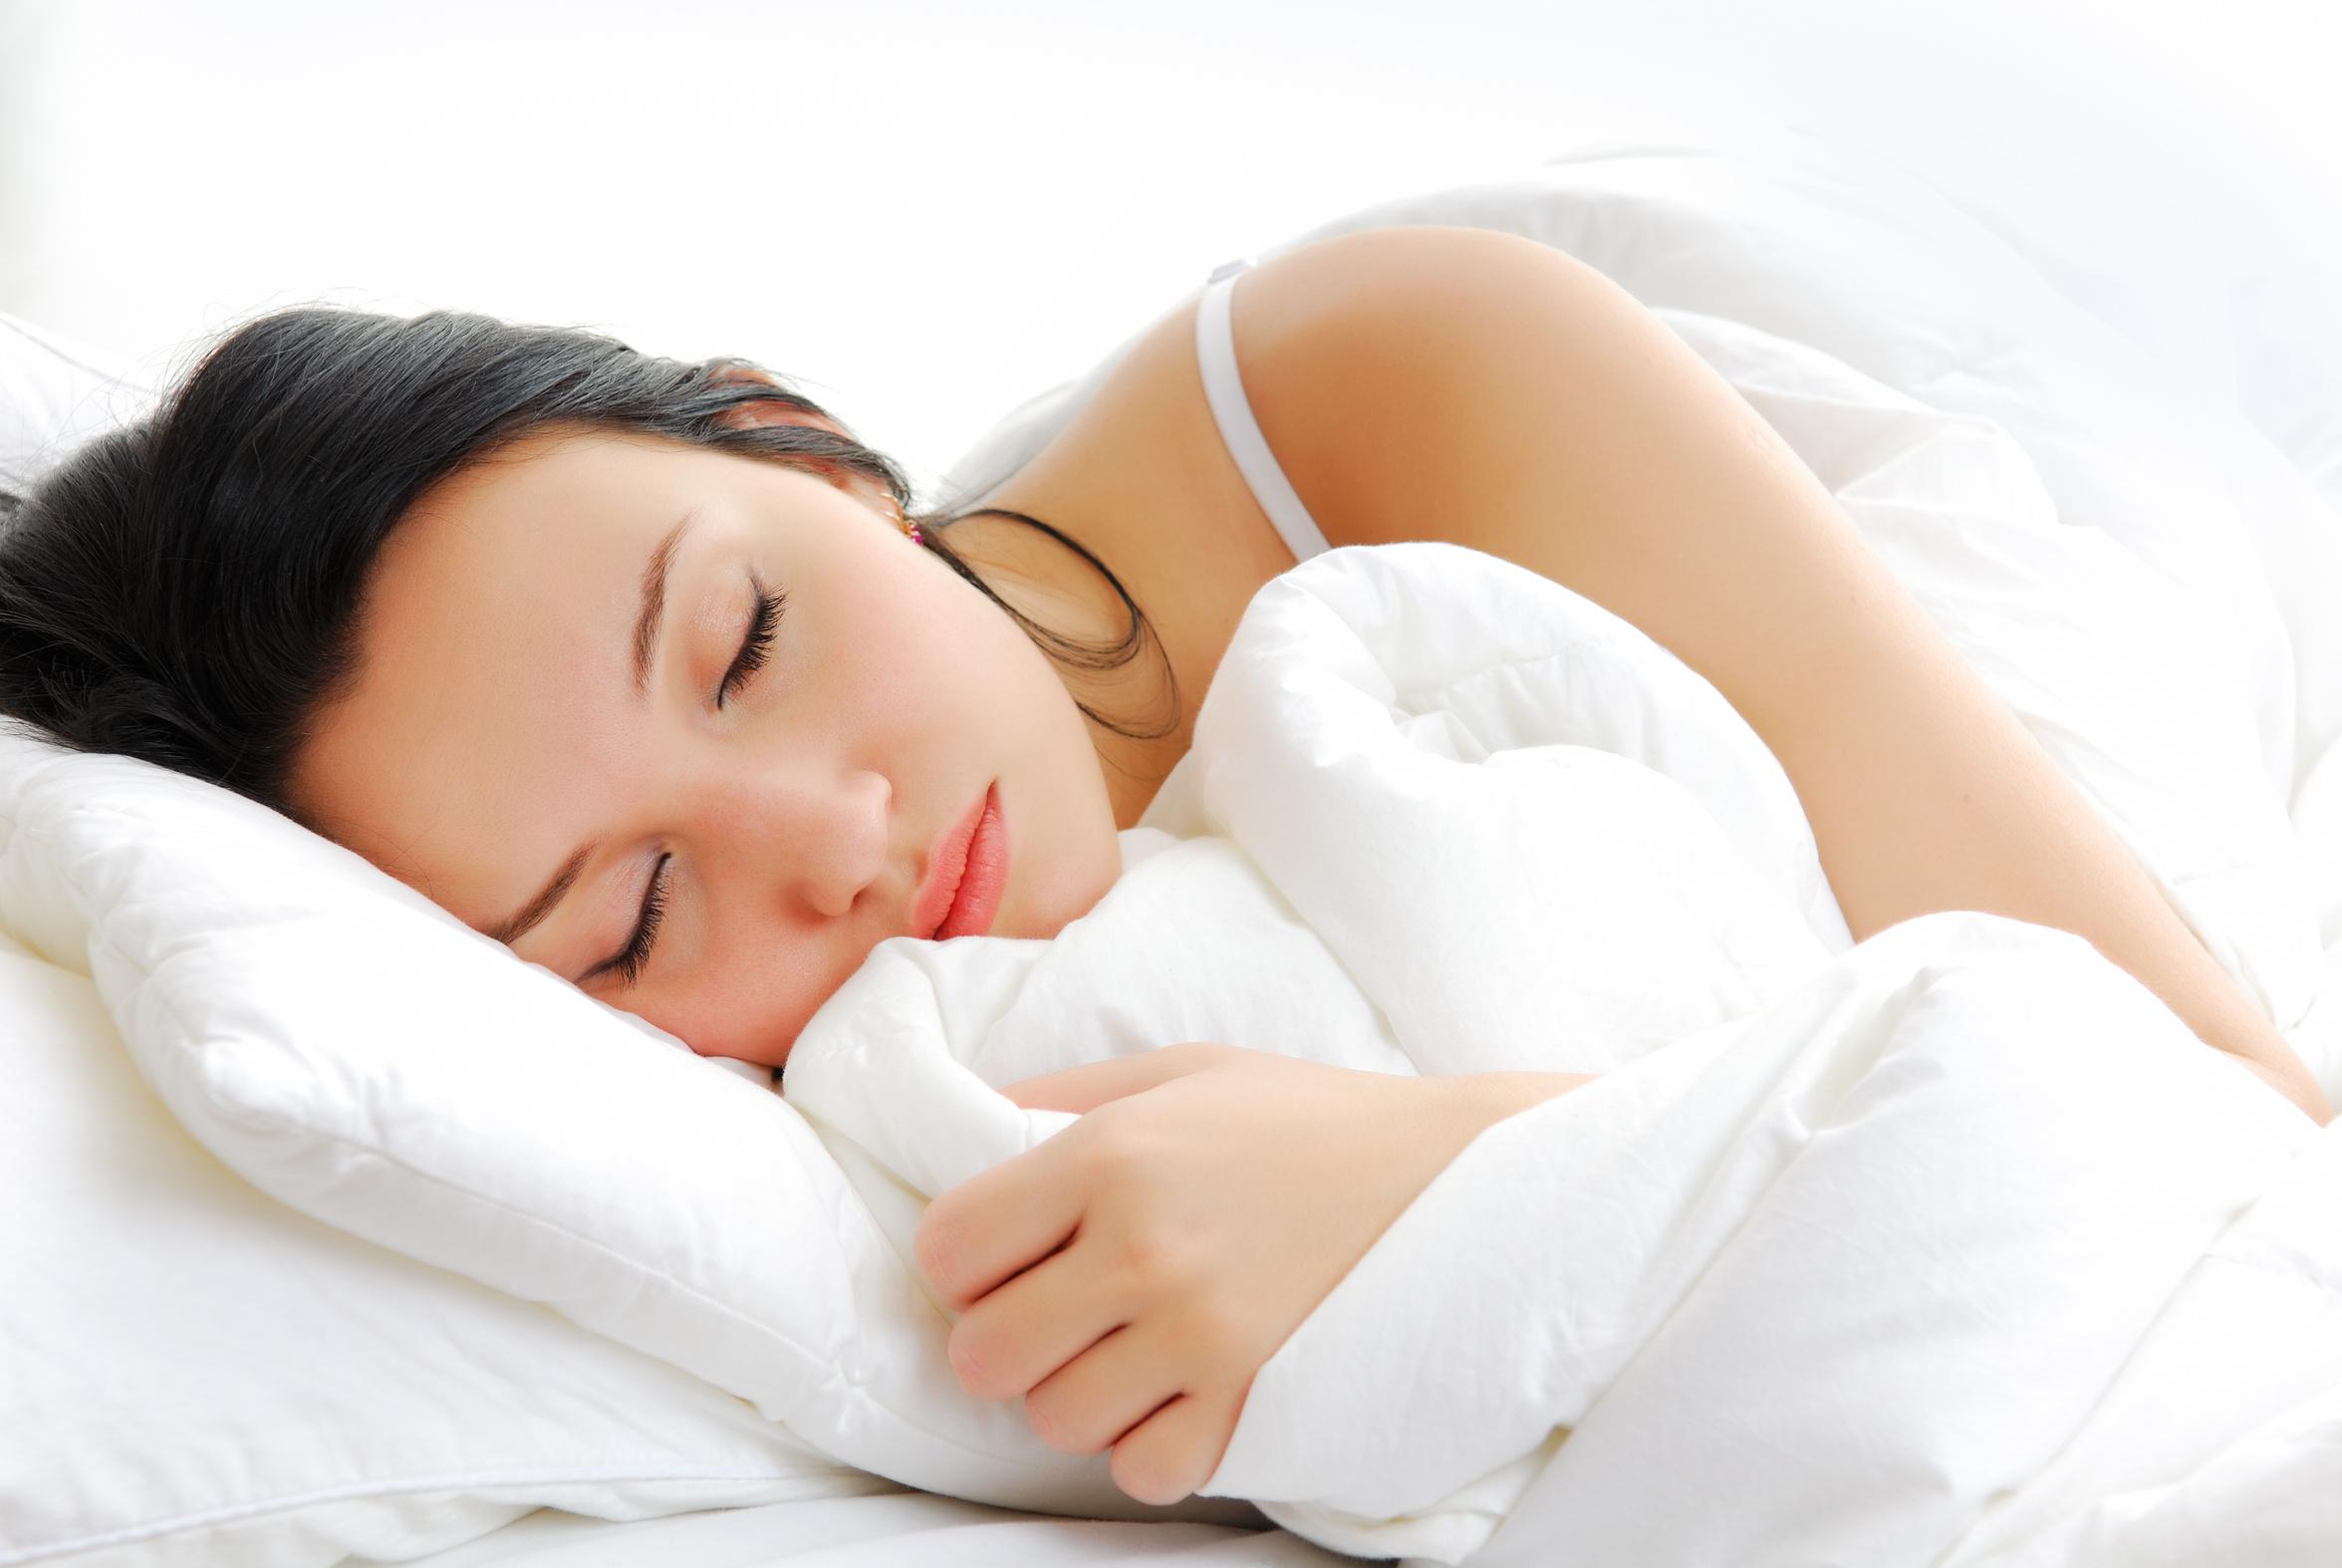 Картинки спящими девушками